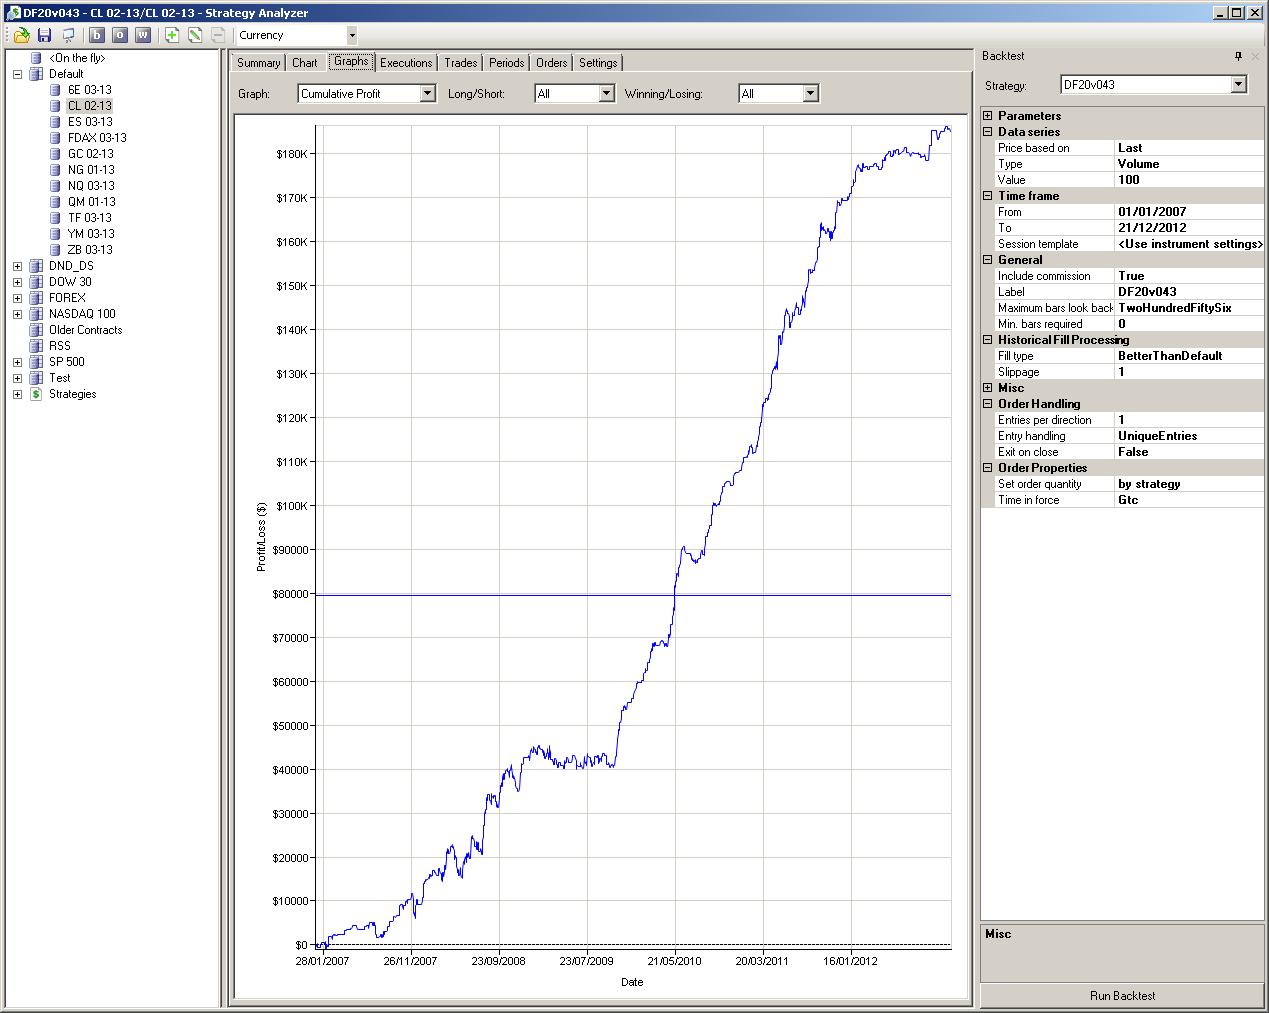 df20v043 config1 112007 12212012 graph